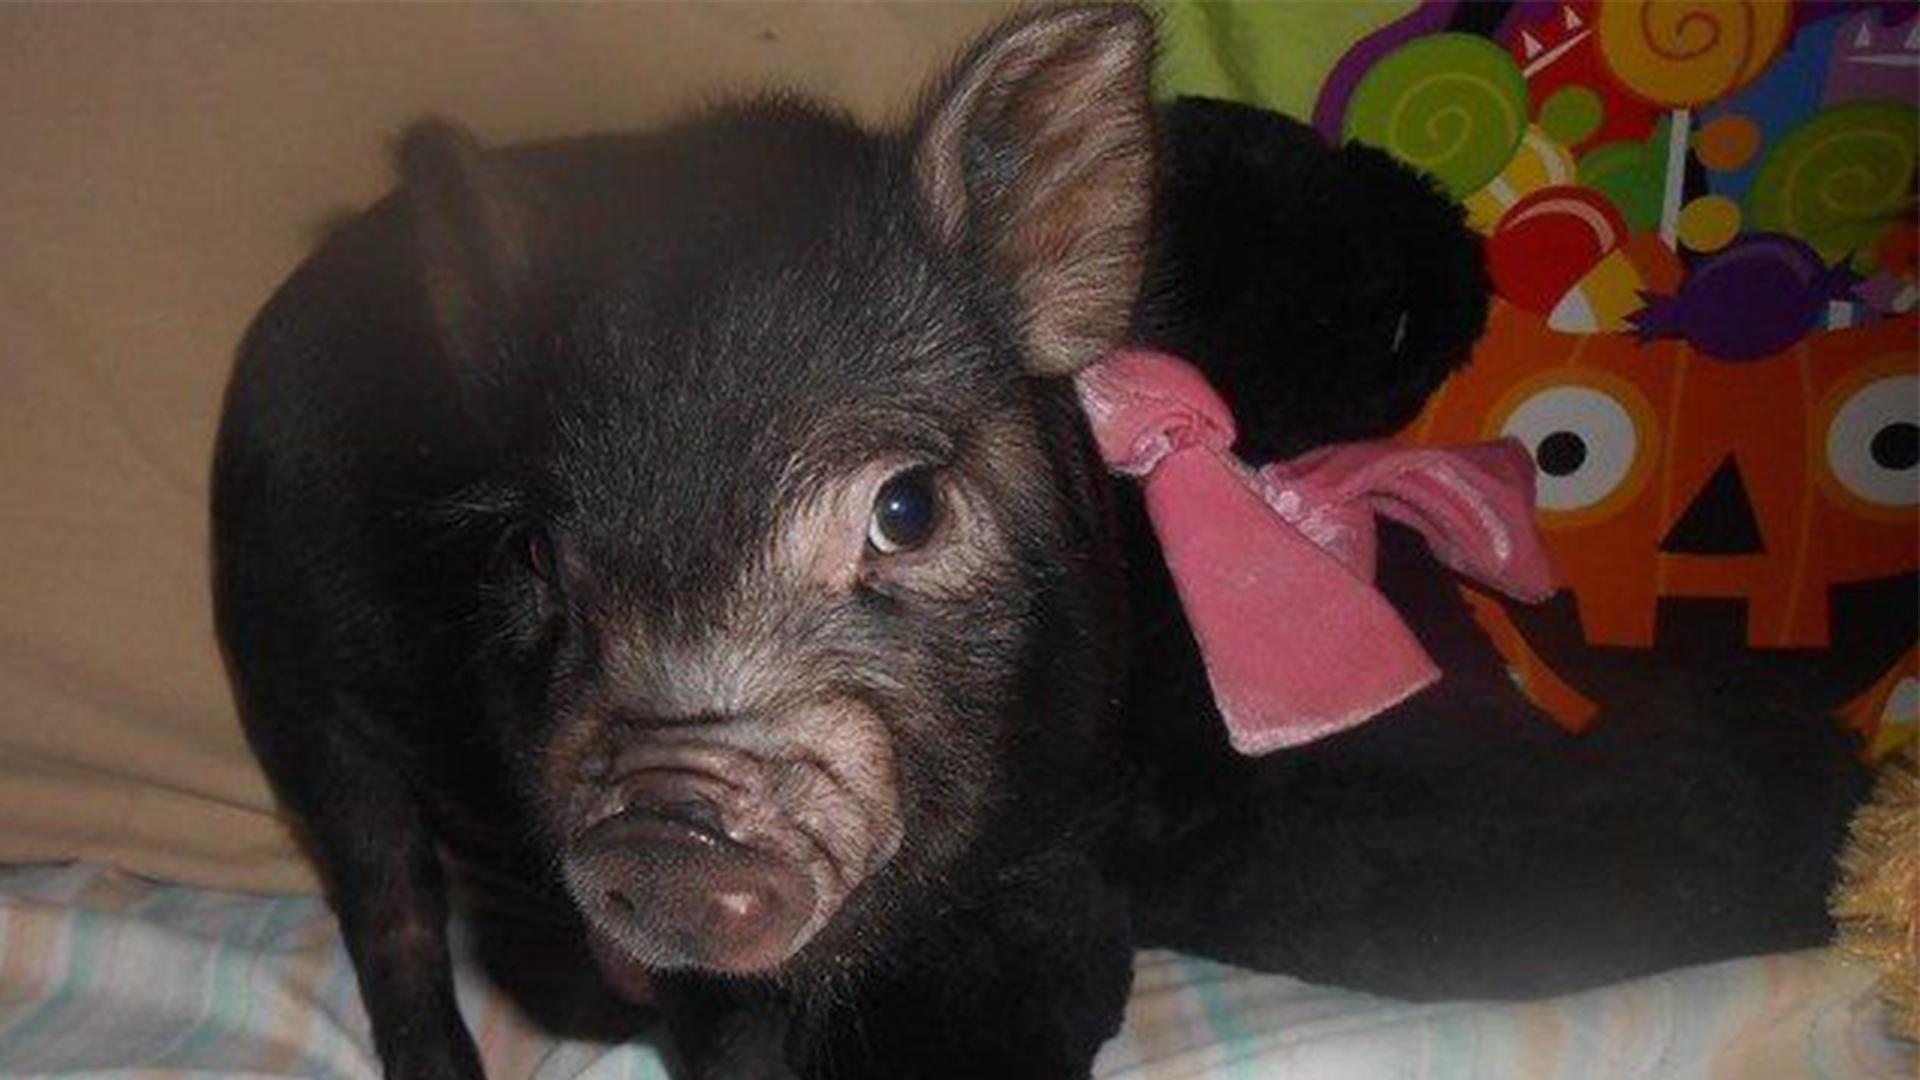 black baby pig looking at the camera